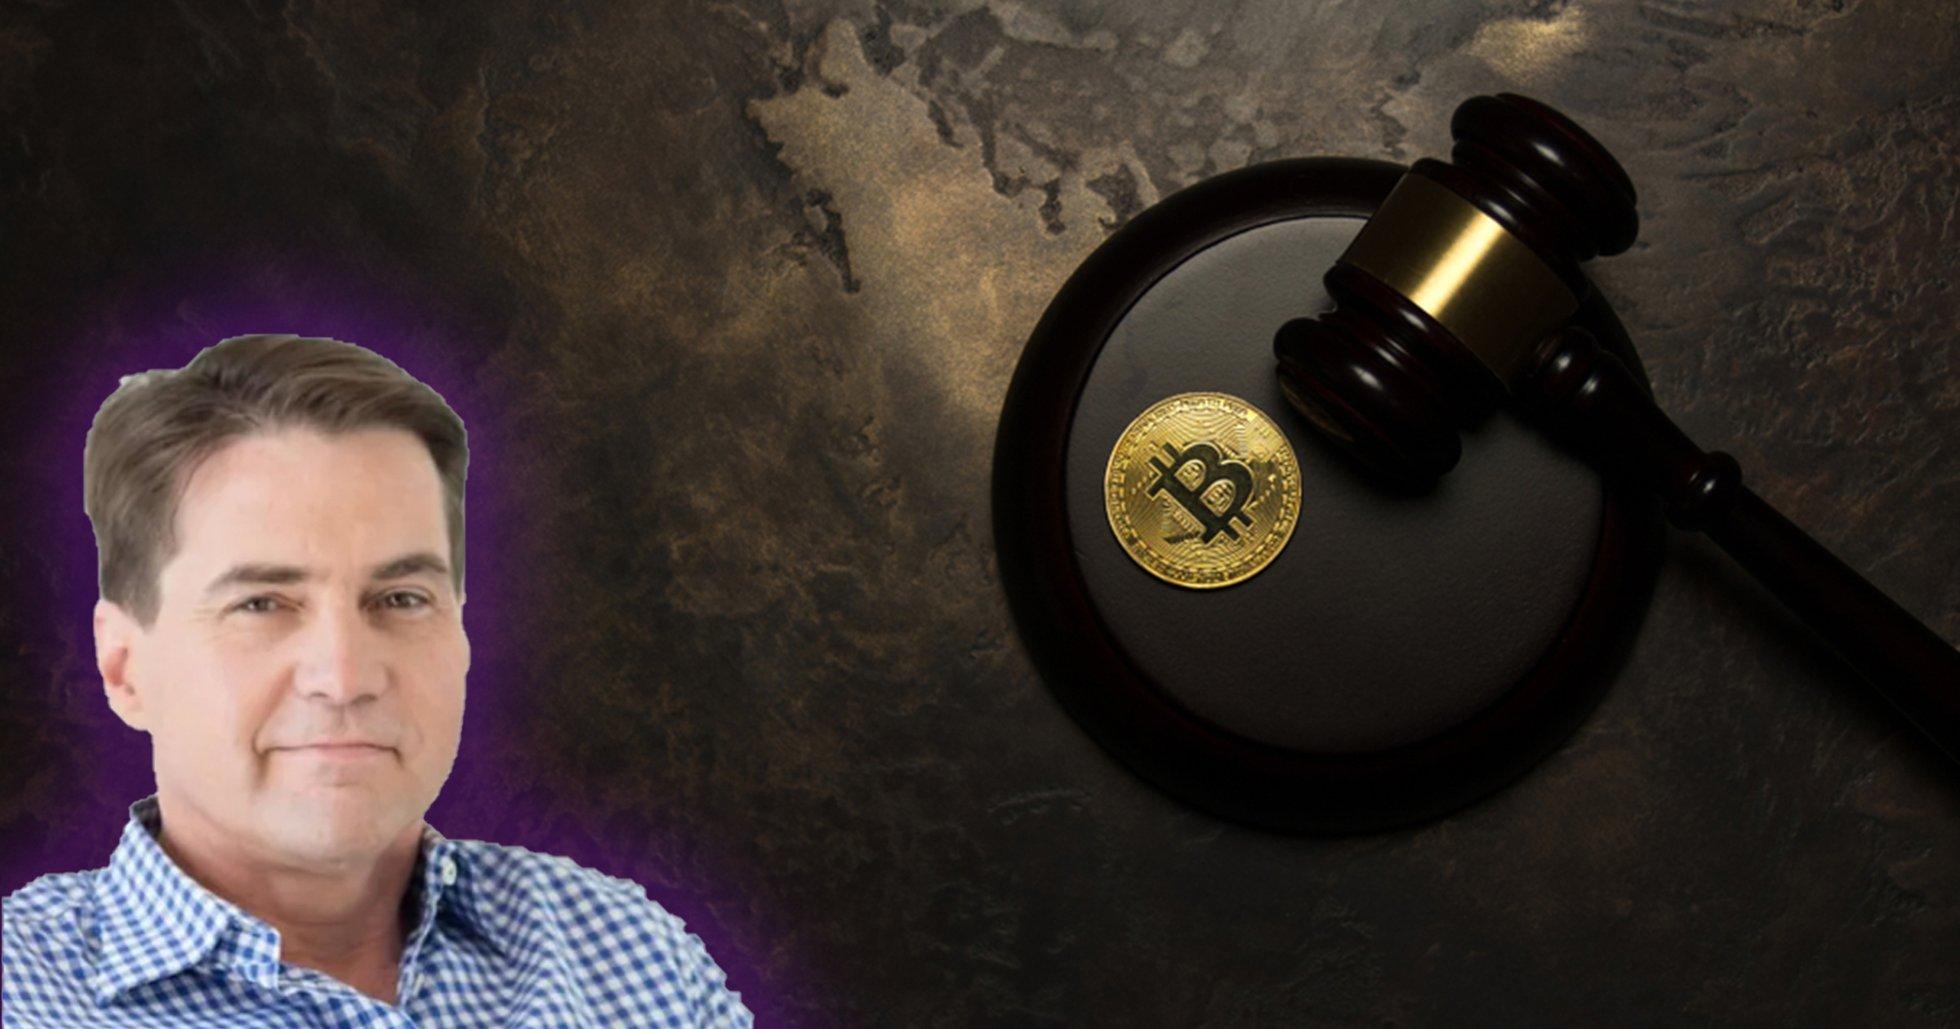 Ny vändning i rättegången mot Craig Wright: Anklagas för att ha förfalskat meddelanden